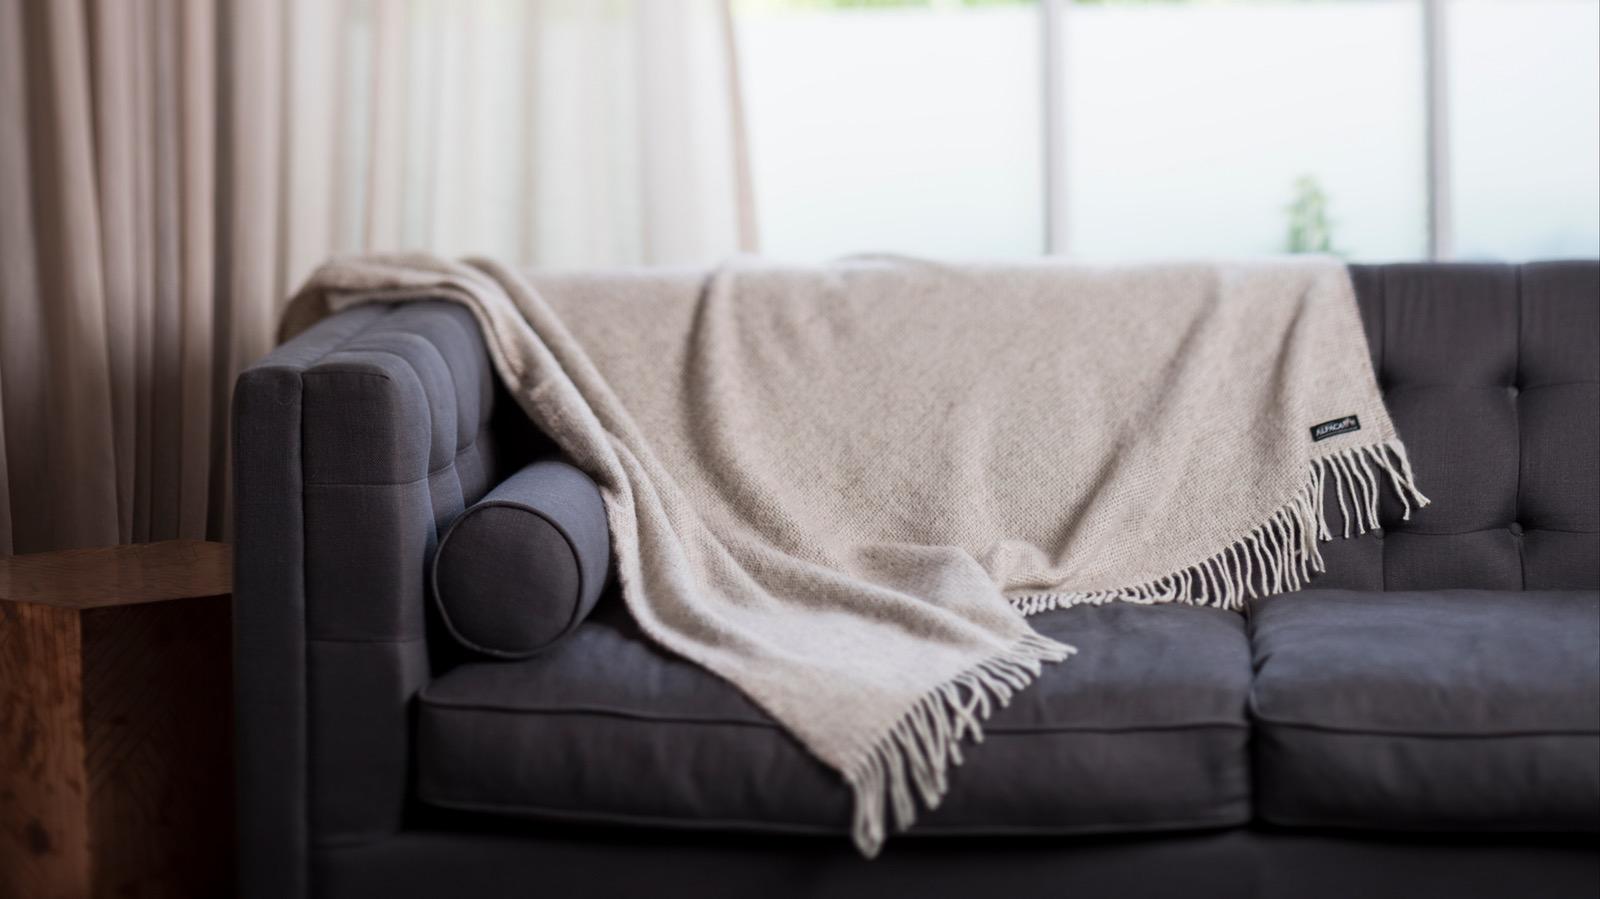 Creswick Woollen Mills blanket